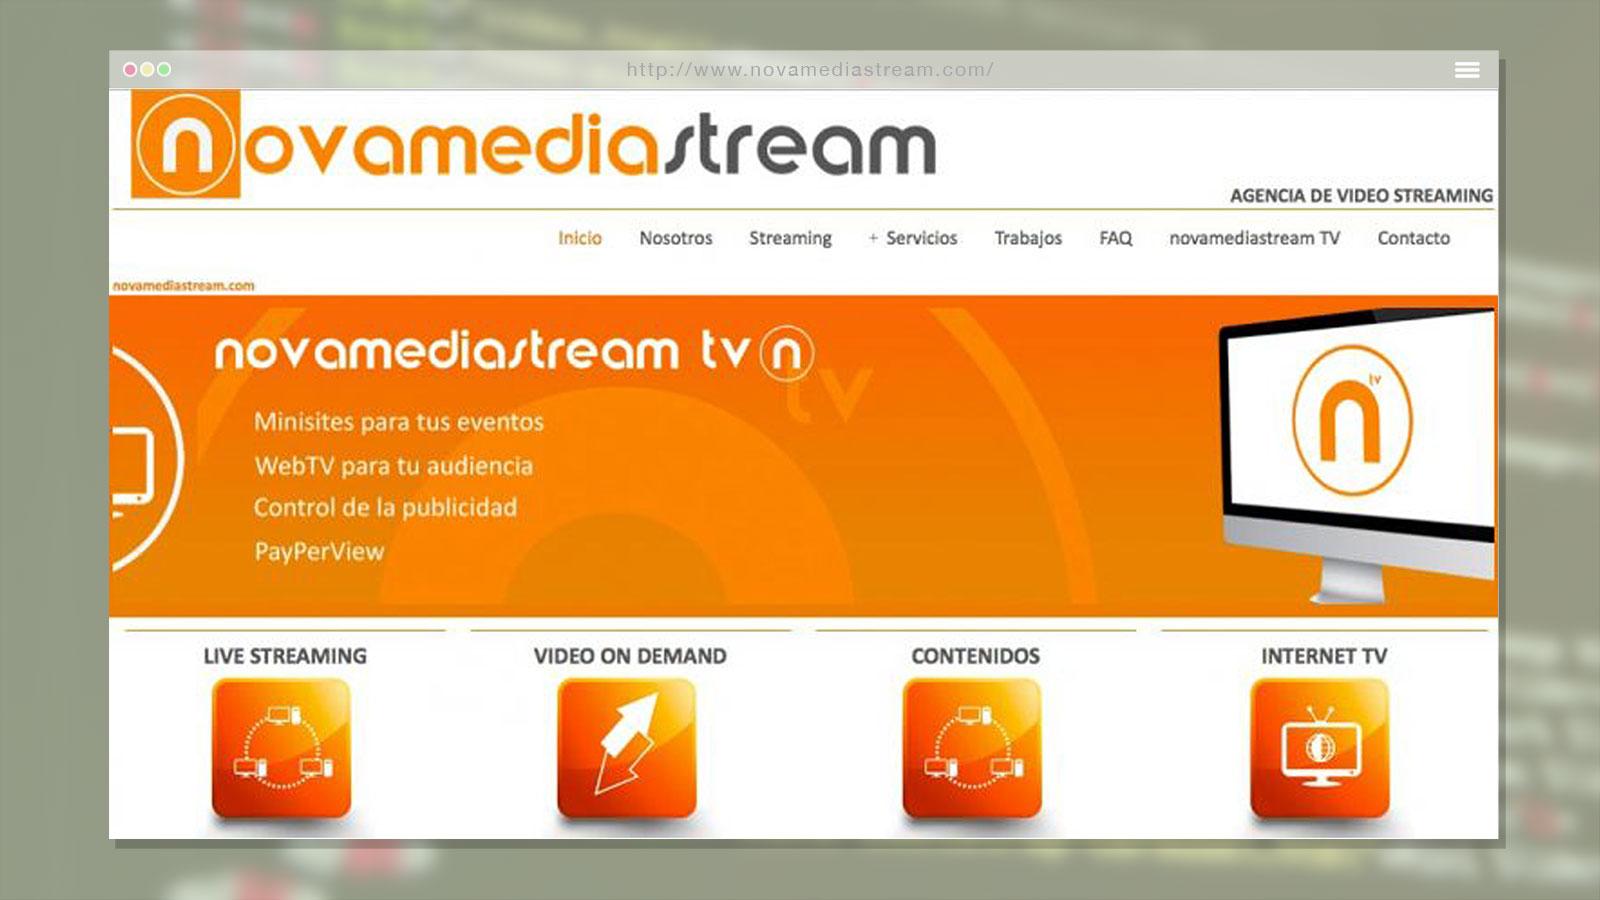 novamediastream.com